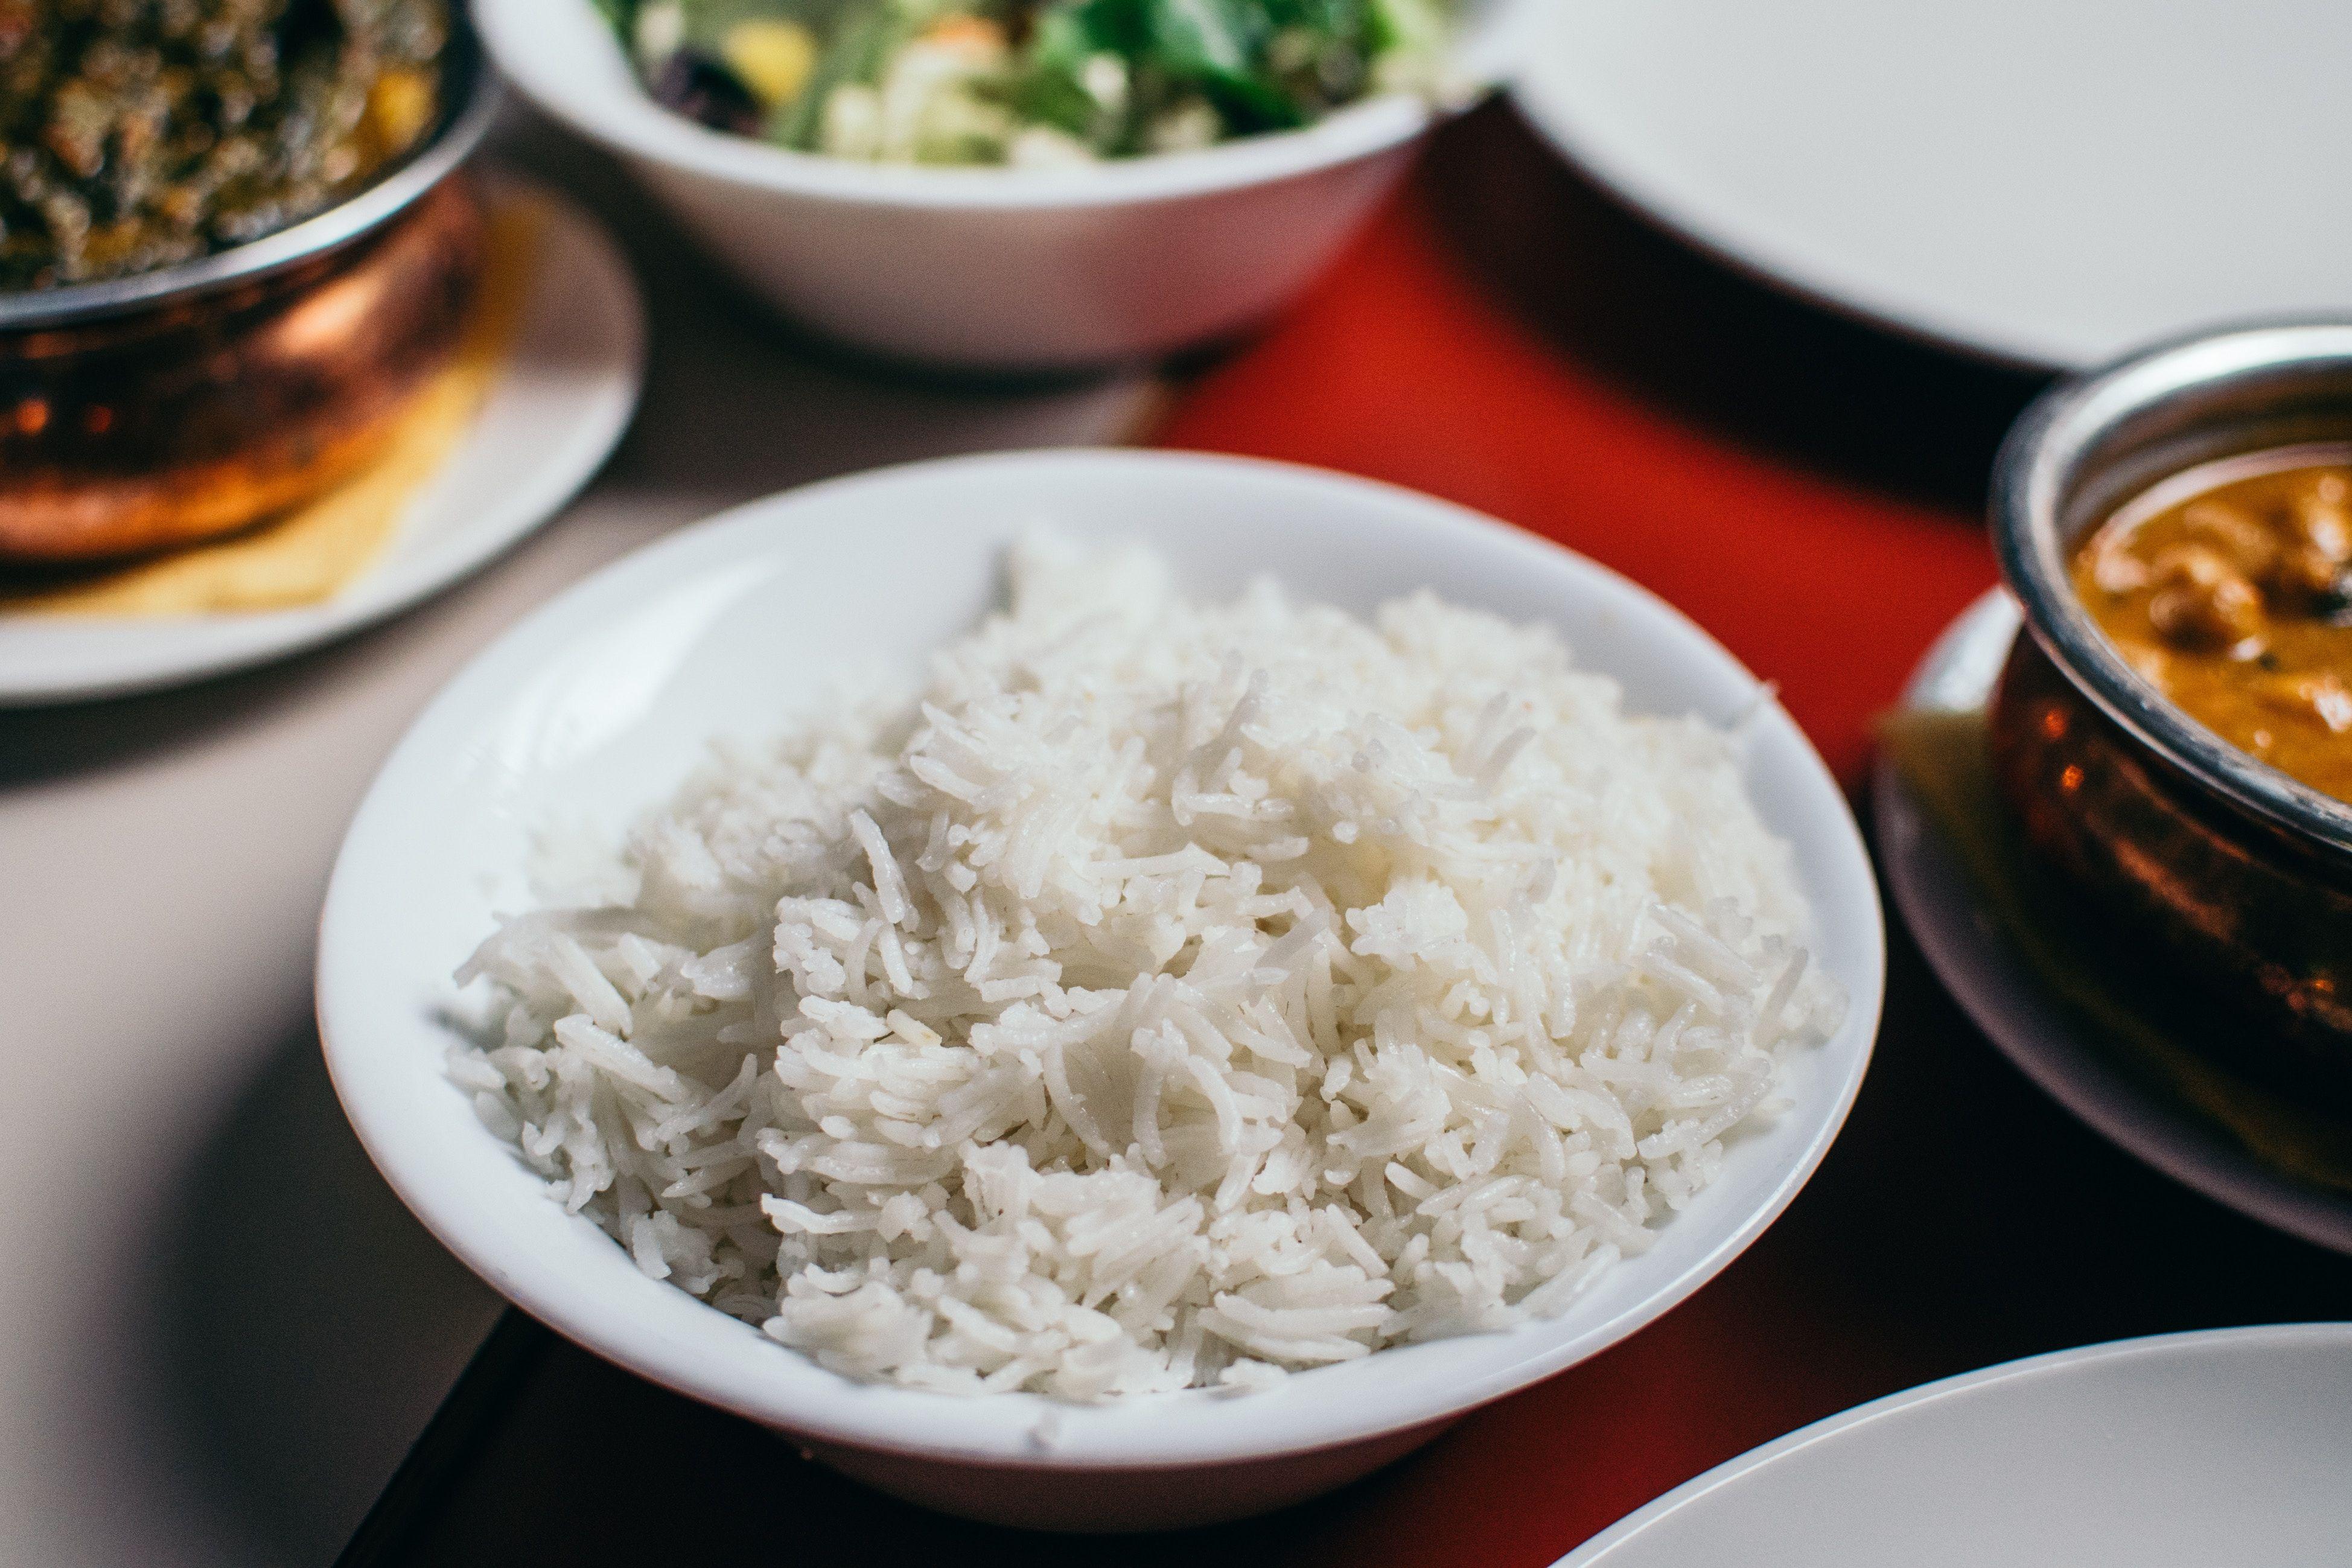 I 5 comandamenti della cottura del riso perfetta